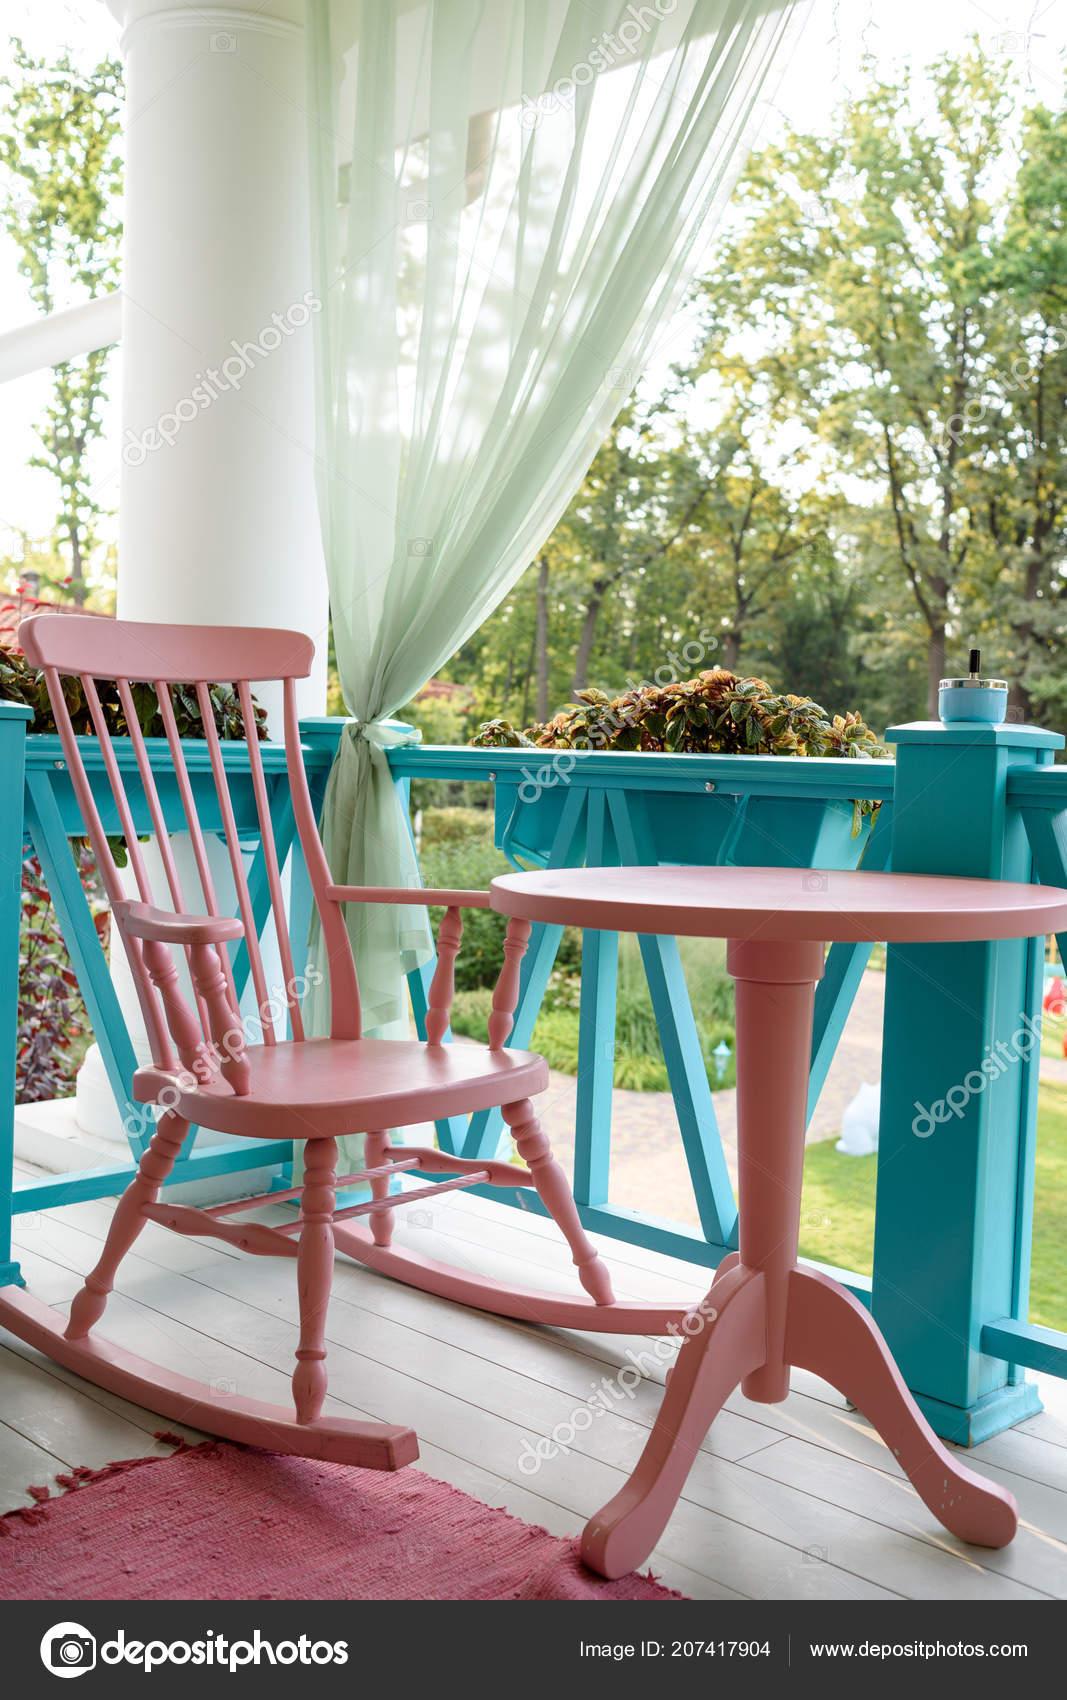 Houten Schommelstoel Voor Buiten.Roze Houten Schommelstoel Tafel Veranda Balkon Een Ontspannende